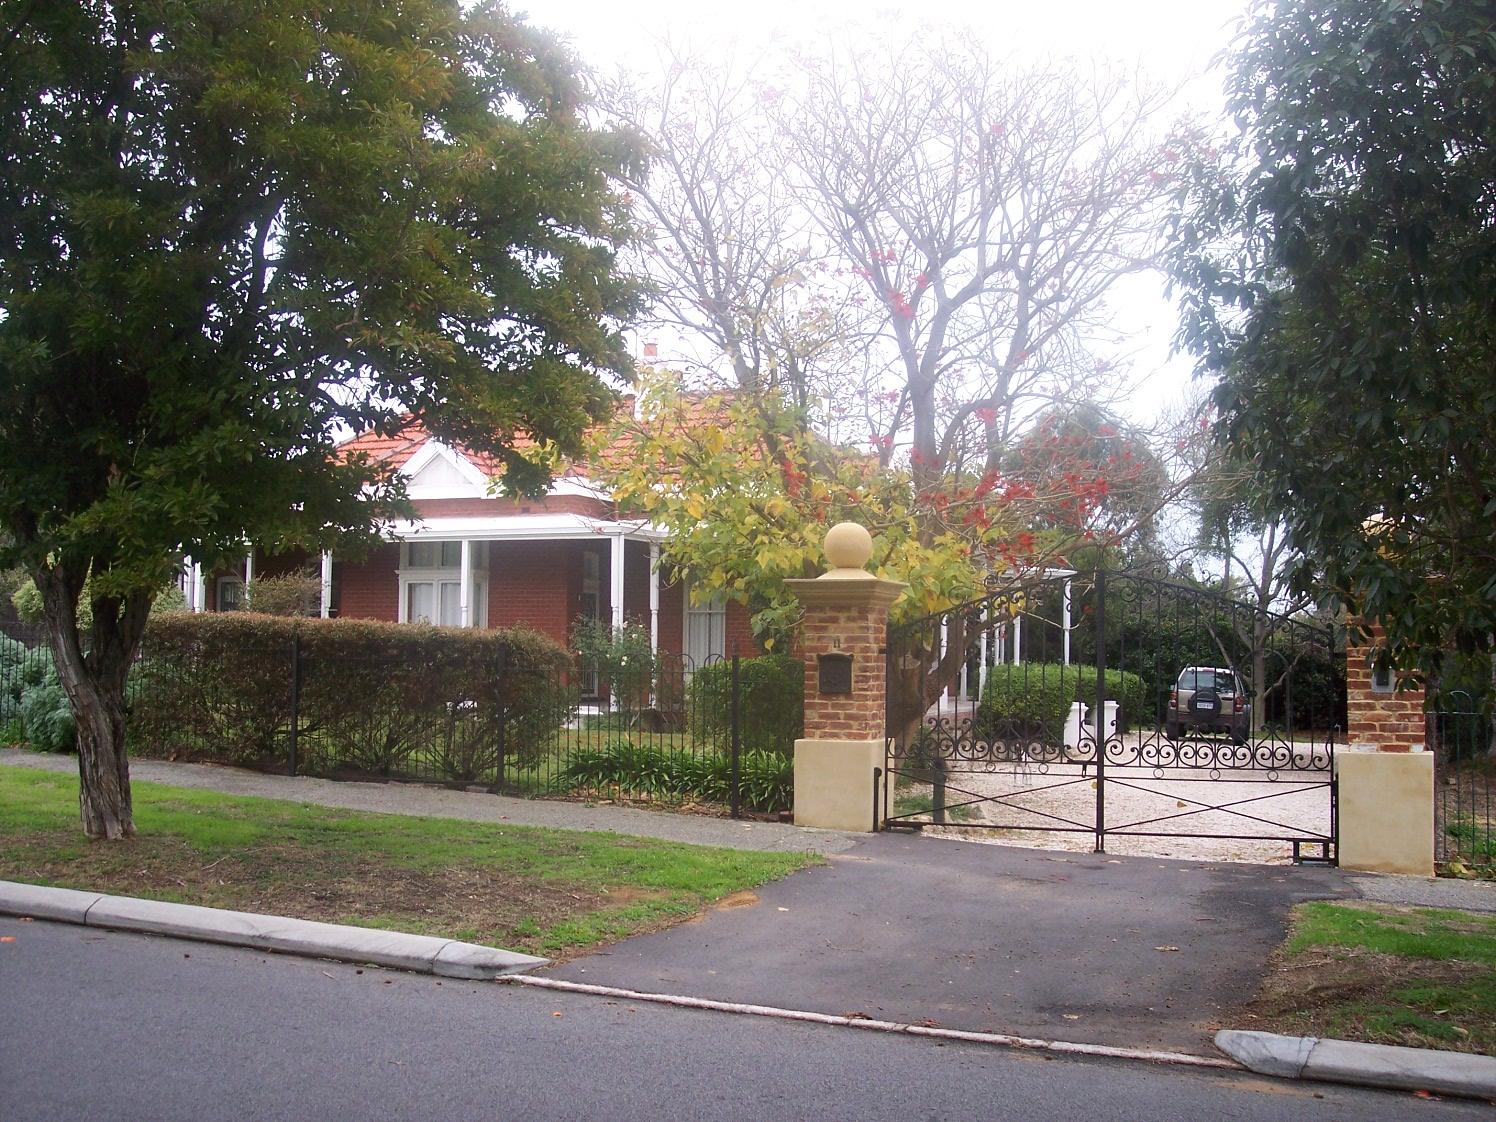 28-7-06 View WSW 11 Dalgety Street.jpg